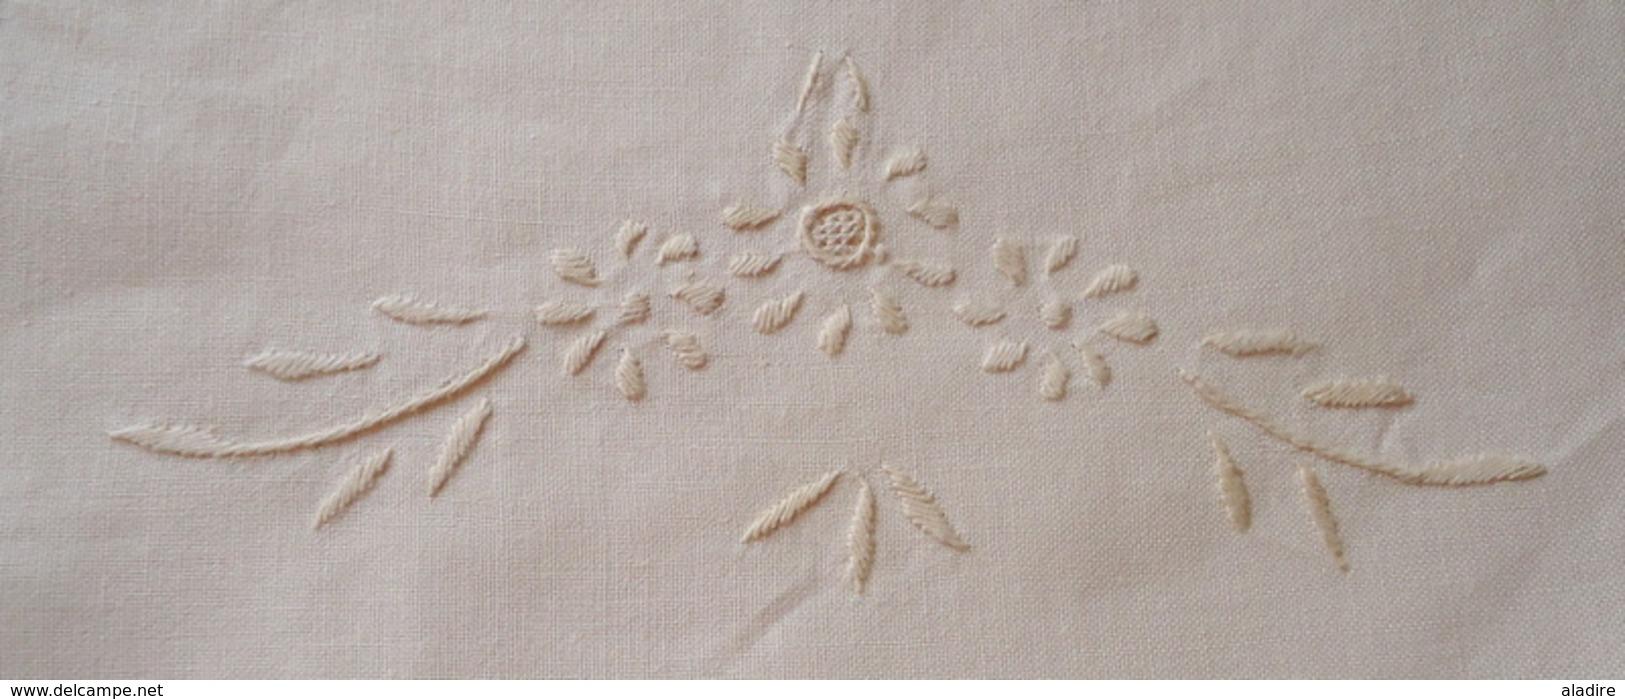 Nappe Rectangulaire 3 M X 1 M 70 Broderie, Dentelle Fait Main - Points De Chausson, Fronces Et Bourdons + 12 Serviettes - Laces & Cloth